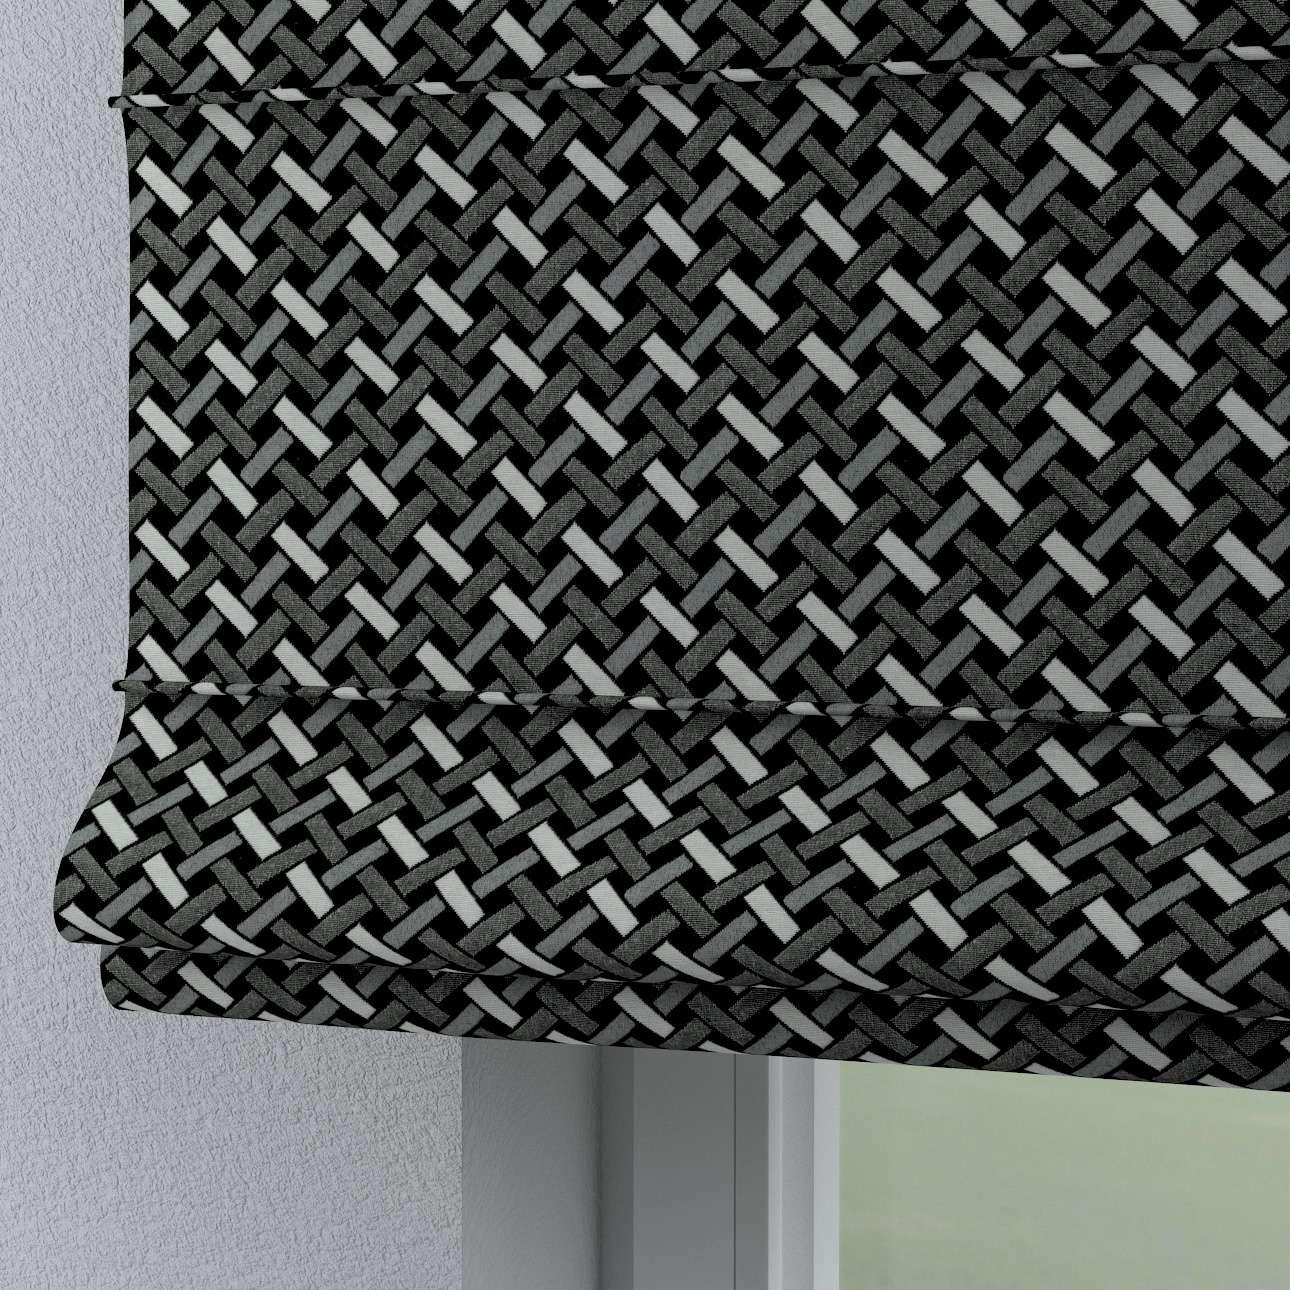 Rímska roleta Torino V kolekcii Black & White, tkanina: 142-87